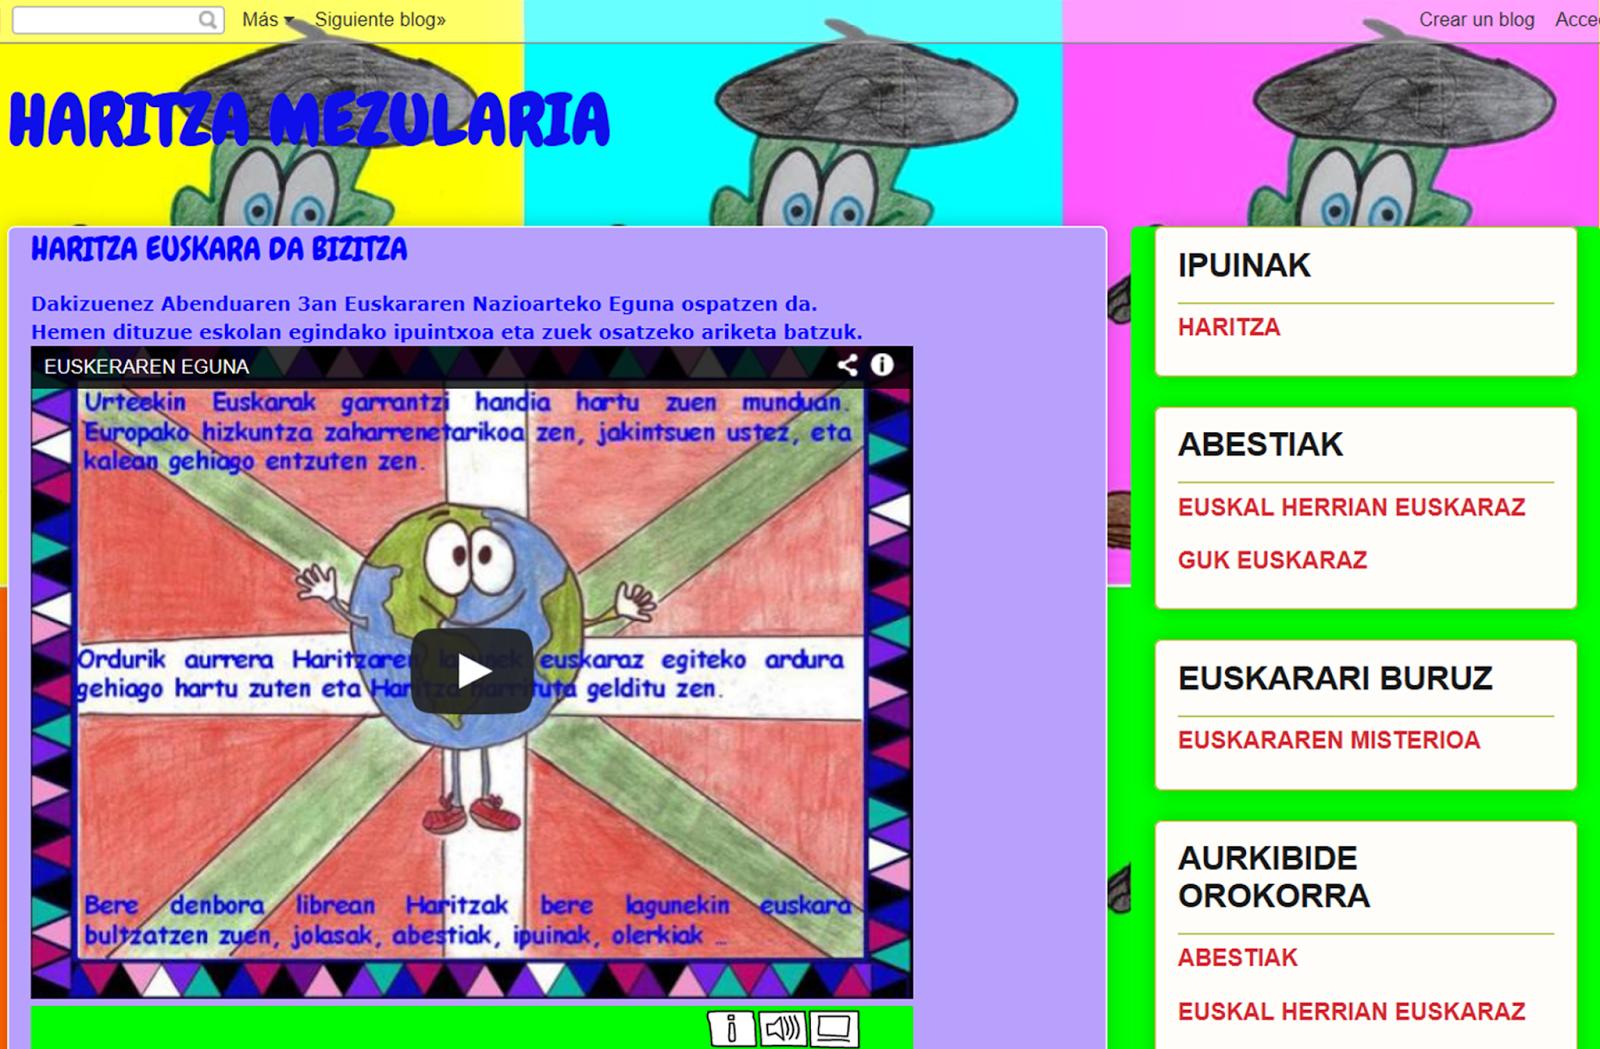 http://haritzamezularia.blogspot.com.es/